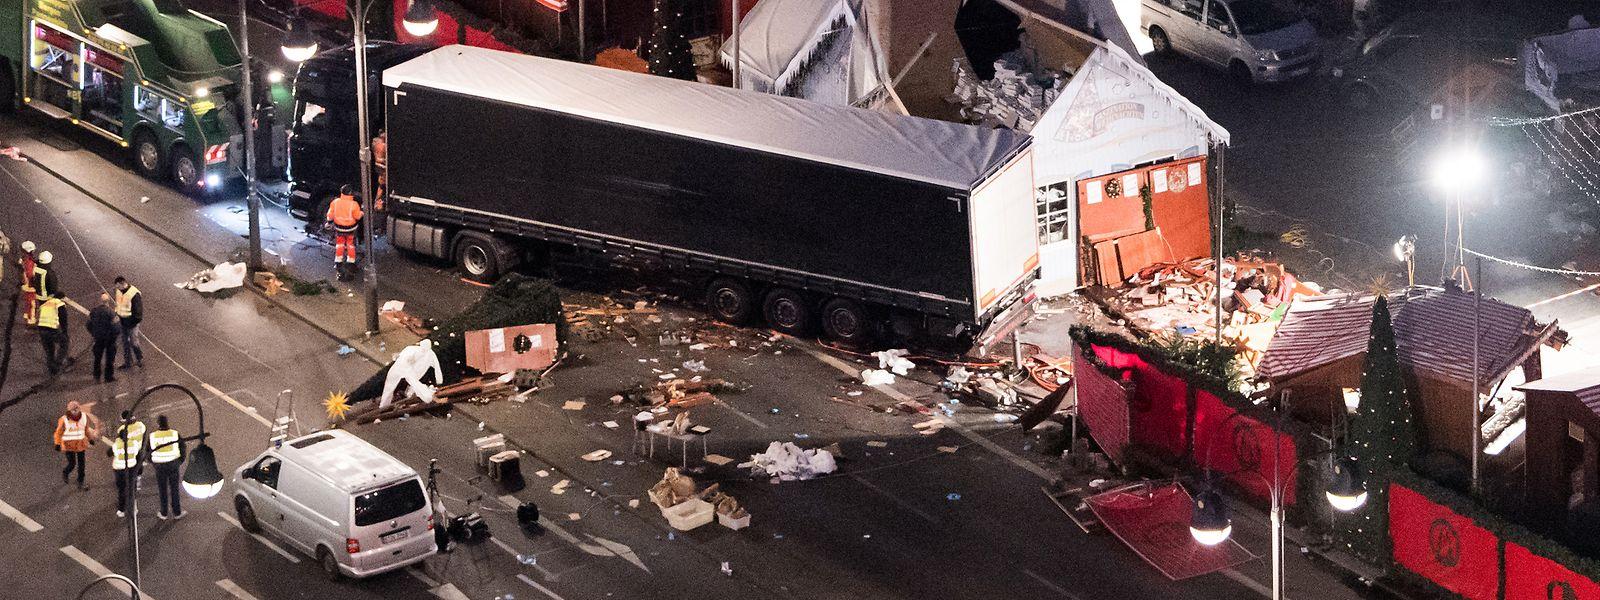 Eine Schneise der Verwüstung hinterließ der Attentäter auf dem Weihnachtsmarkt am Breitscheidplatz in Berlin.